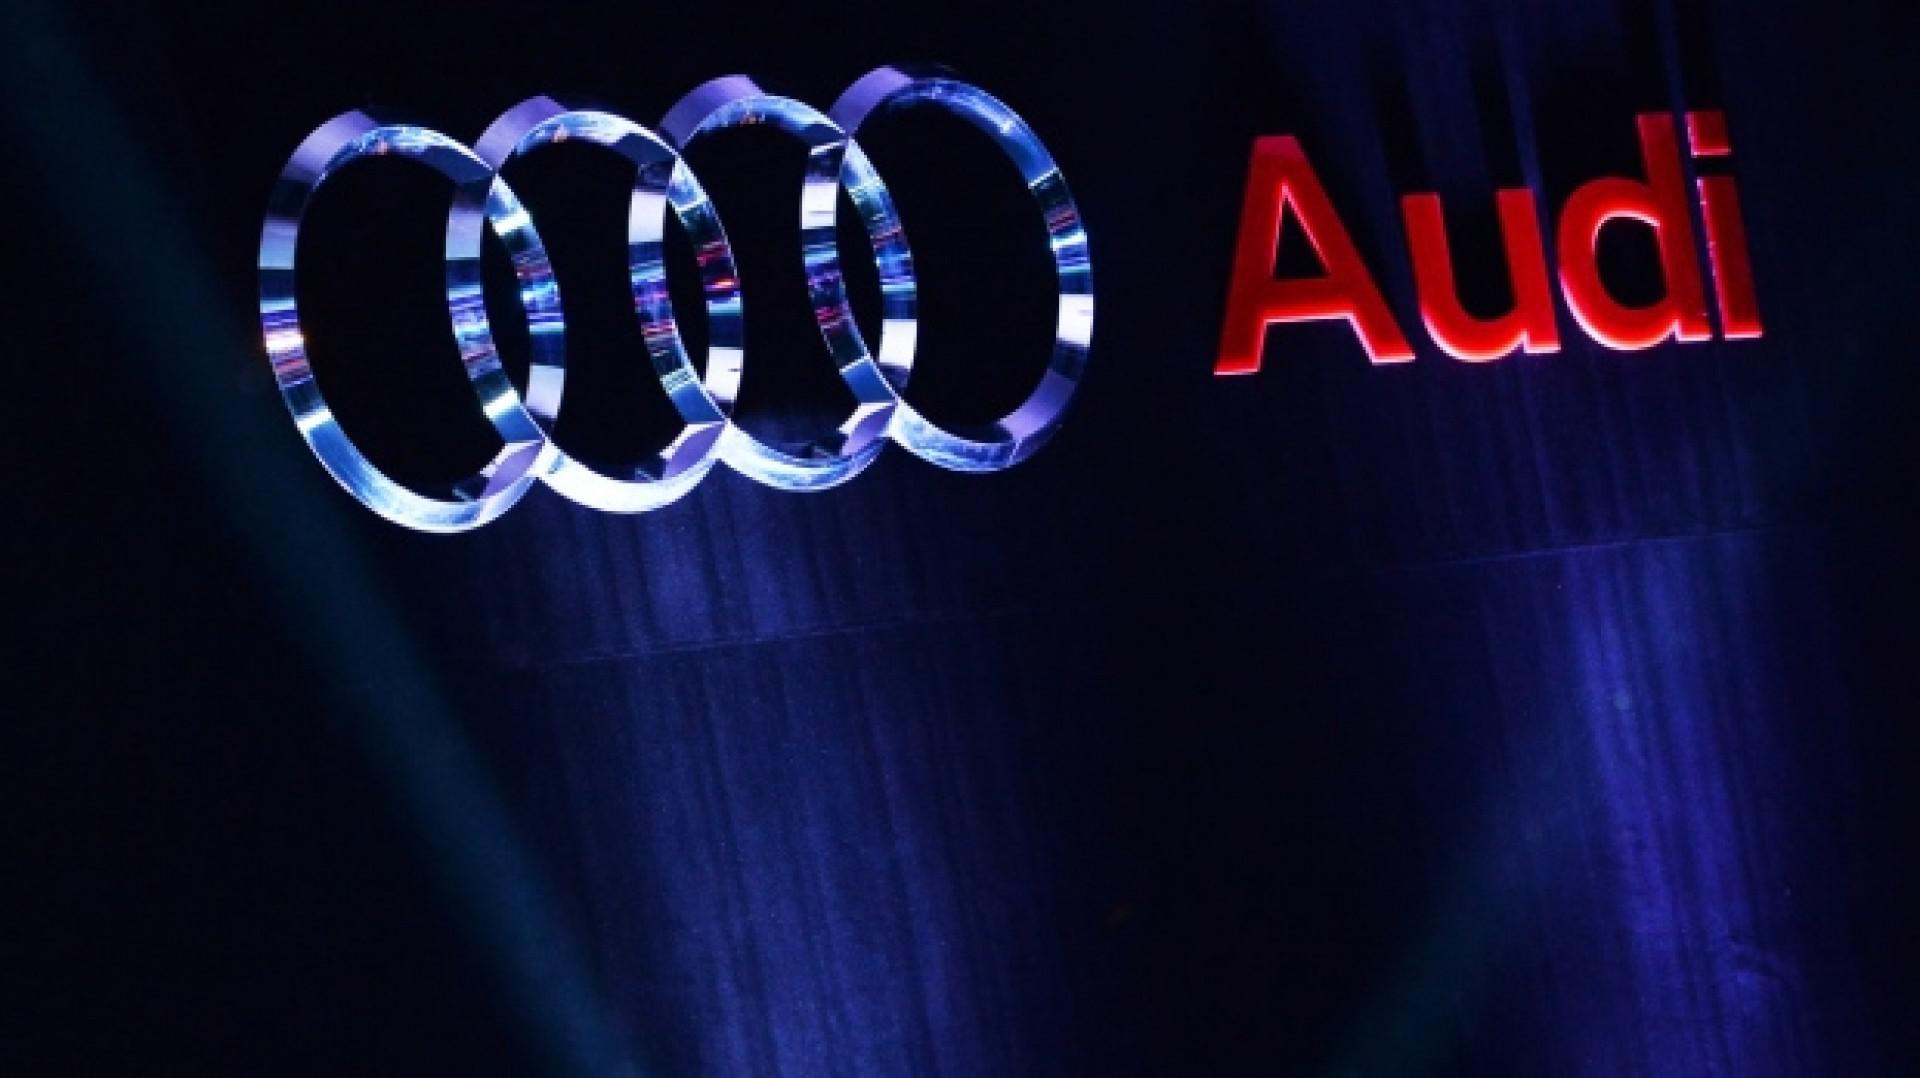 Exclu: À savoir concernant la marque Audi …